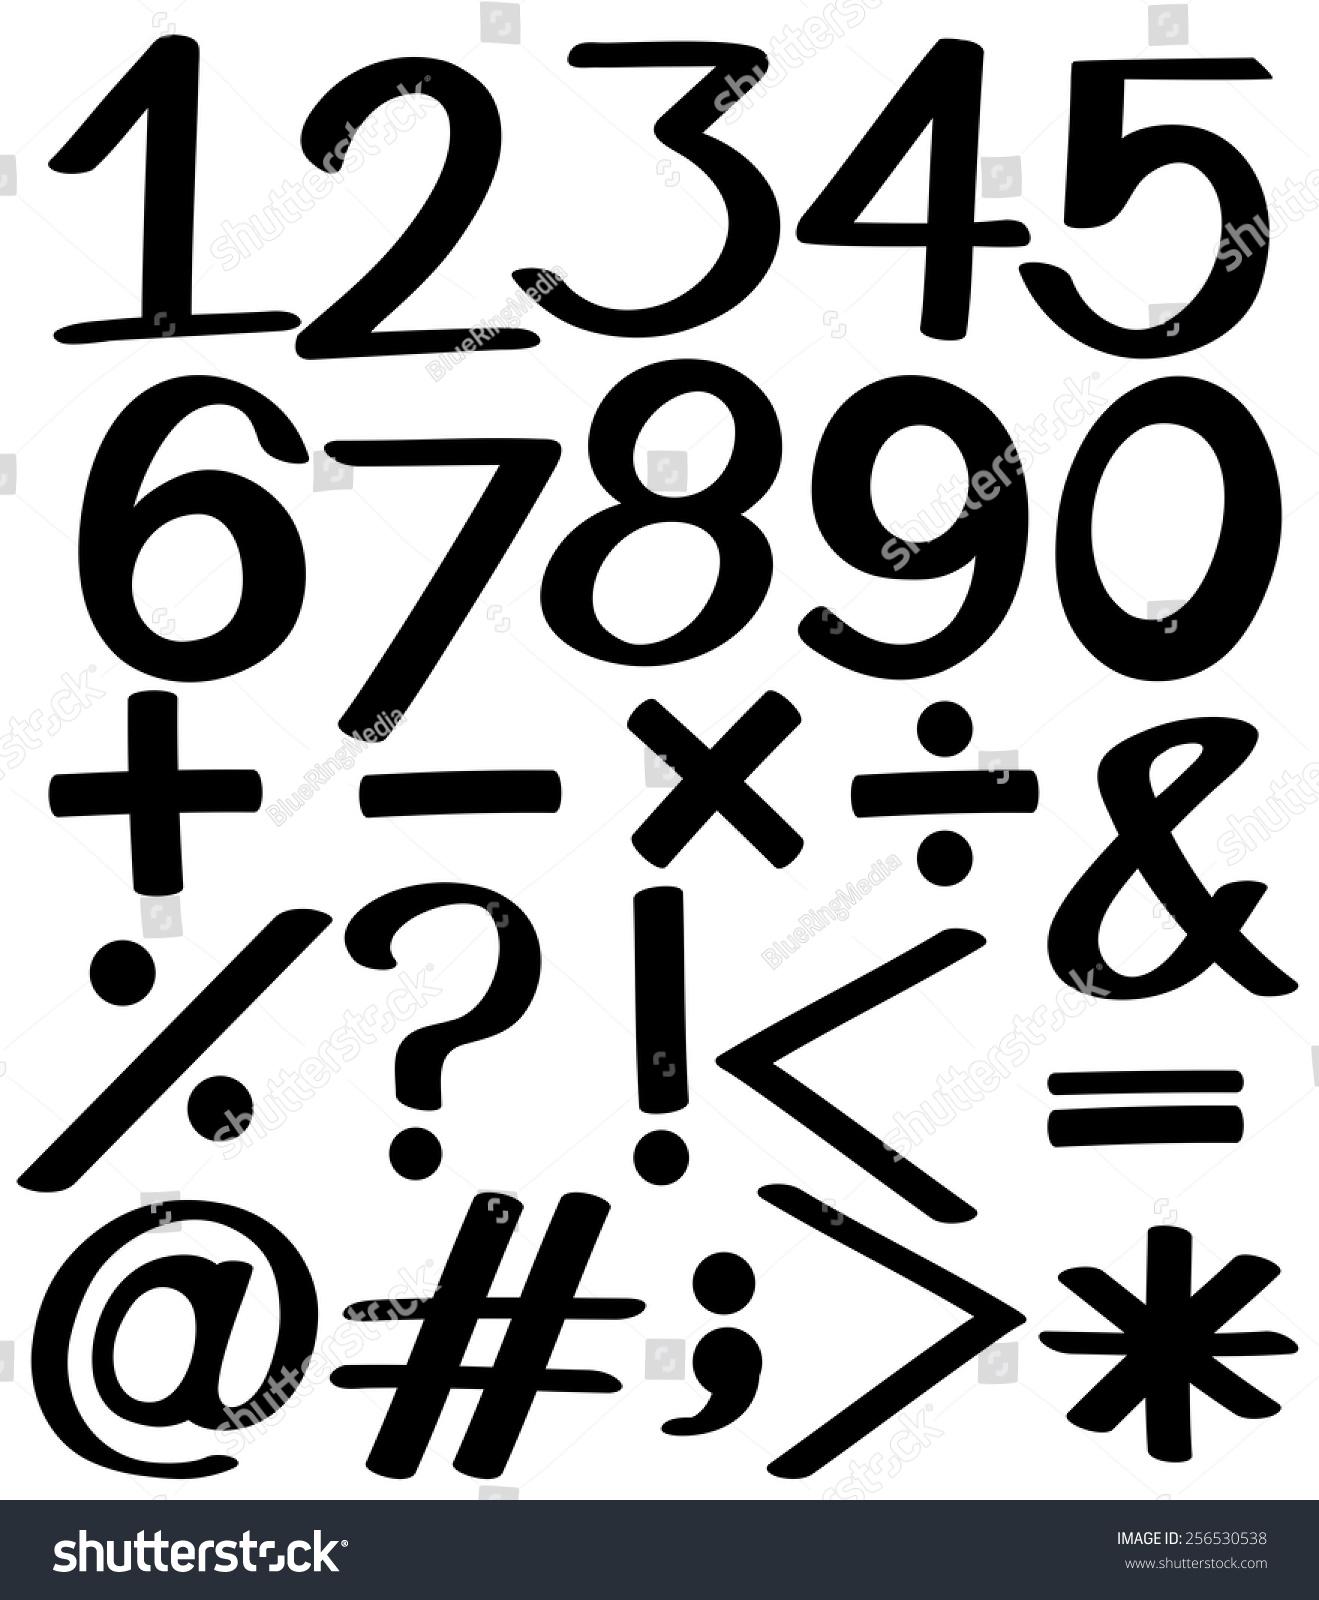 黑白背景上的数字集合-物体-海洛创意(hellorf)-中国图片